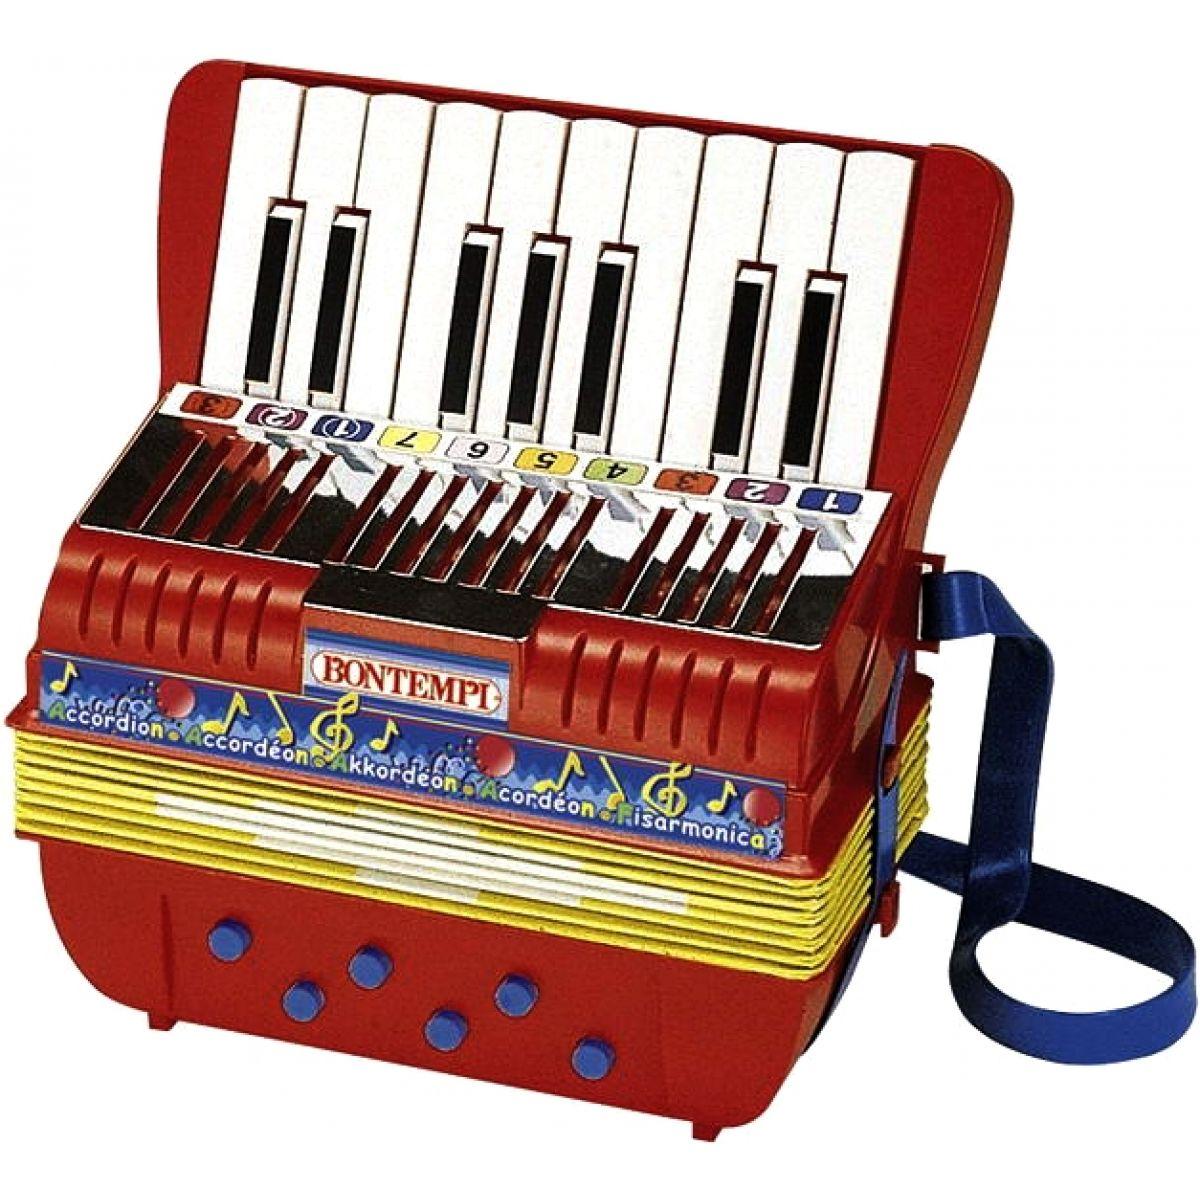 BONTEMPI AC1780 - Akordeón 17 kláves